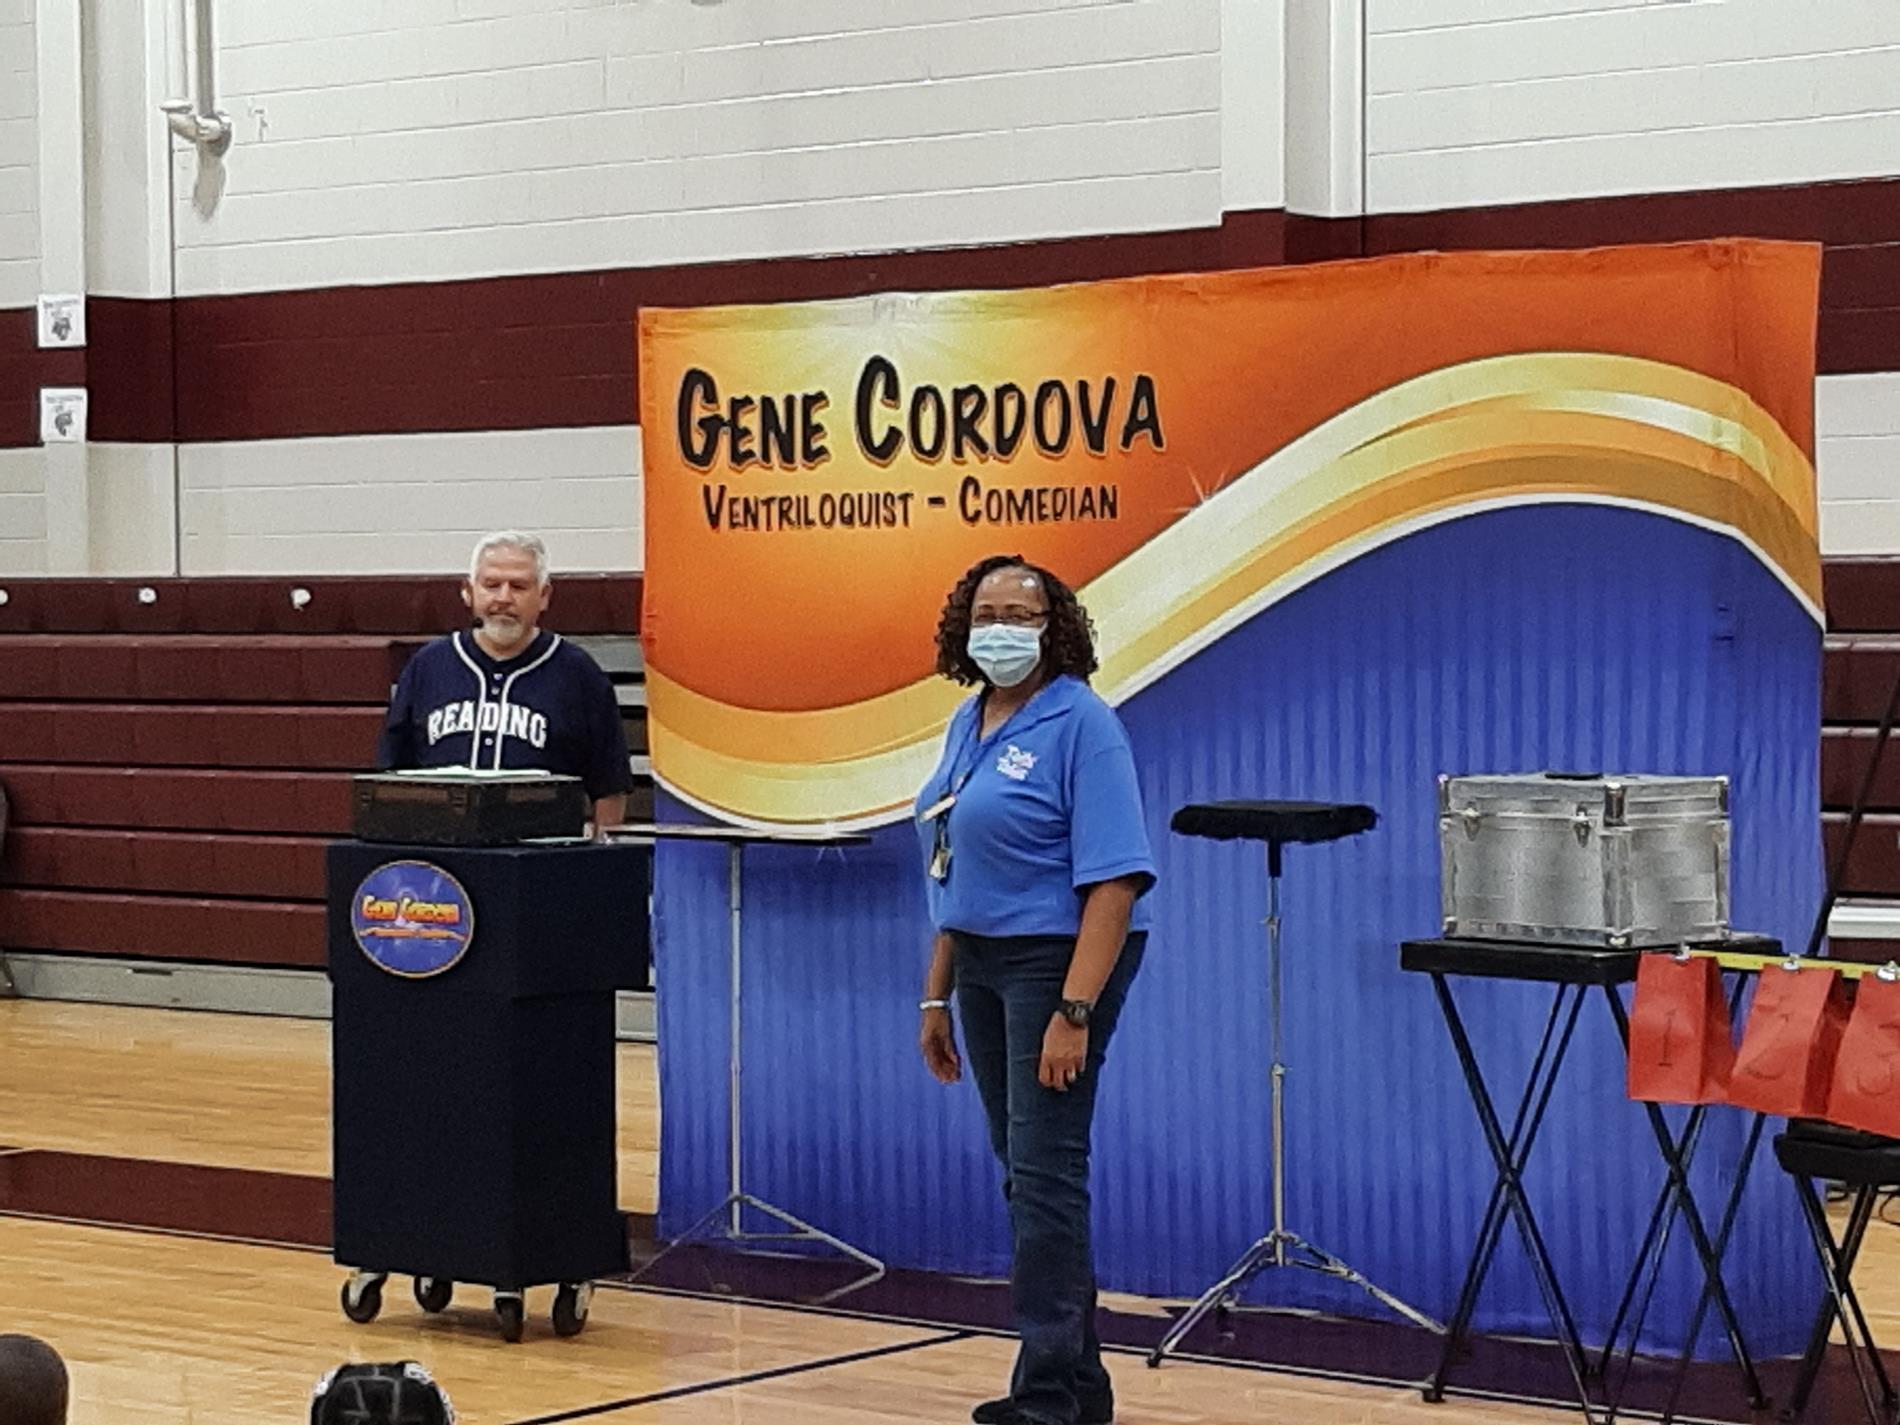 Gene Cordova, Ventriloquist/Comedian, Betty Fair, Quitman County Library